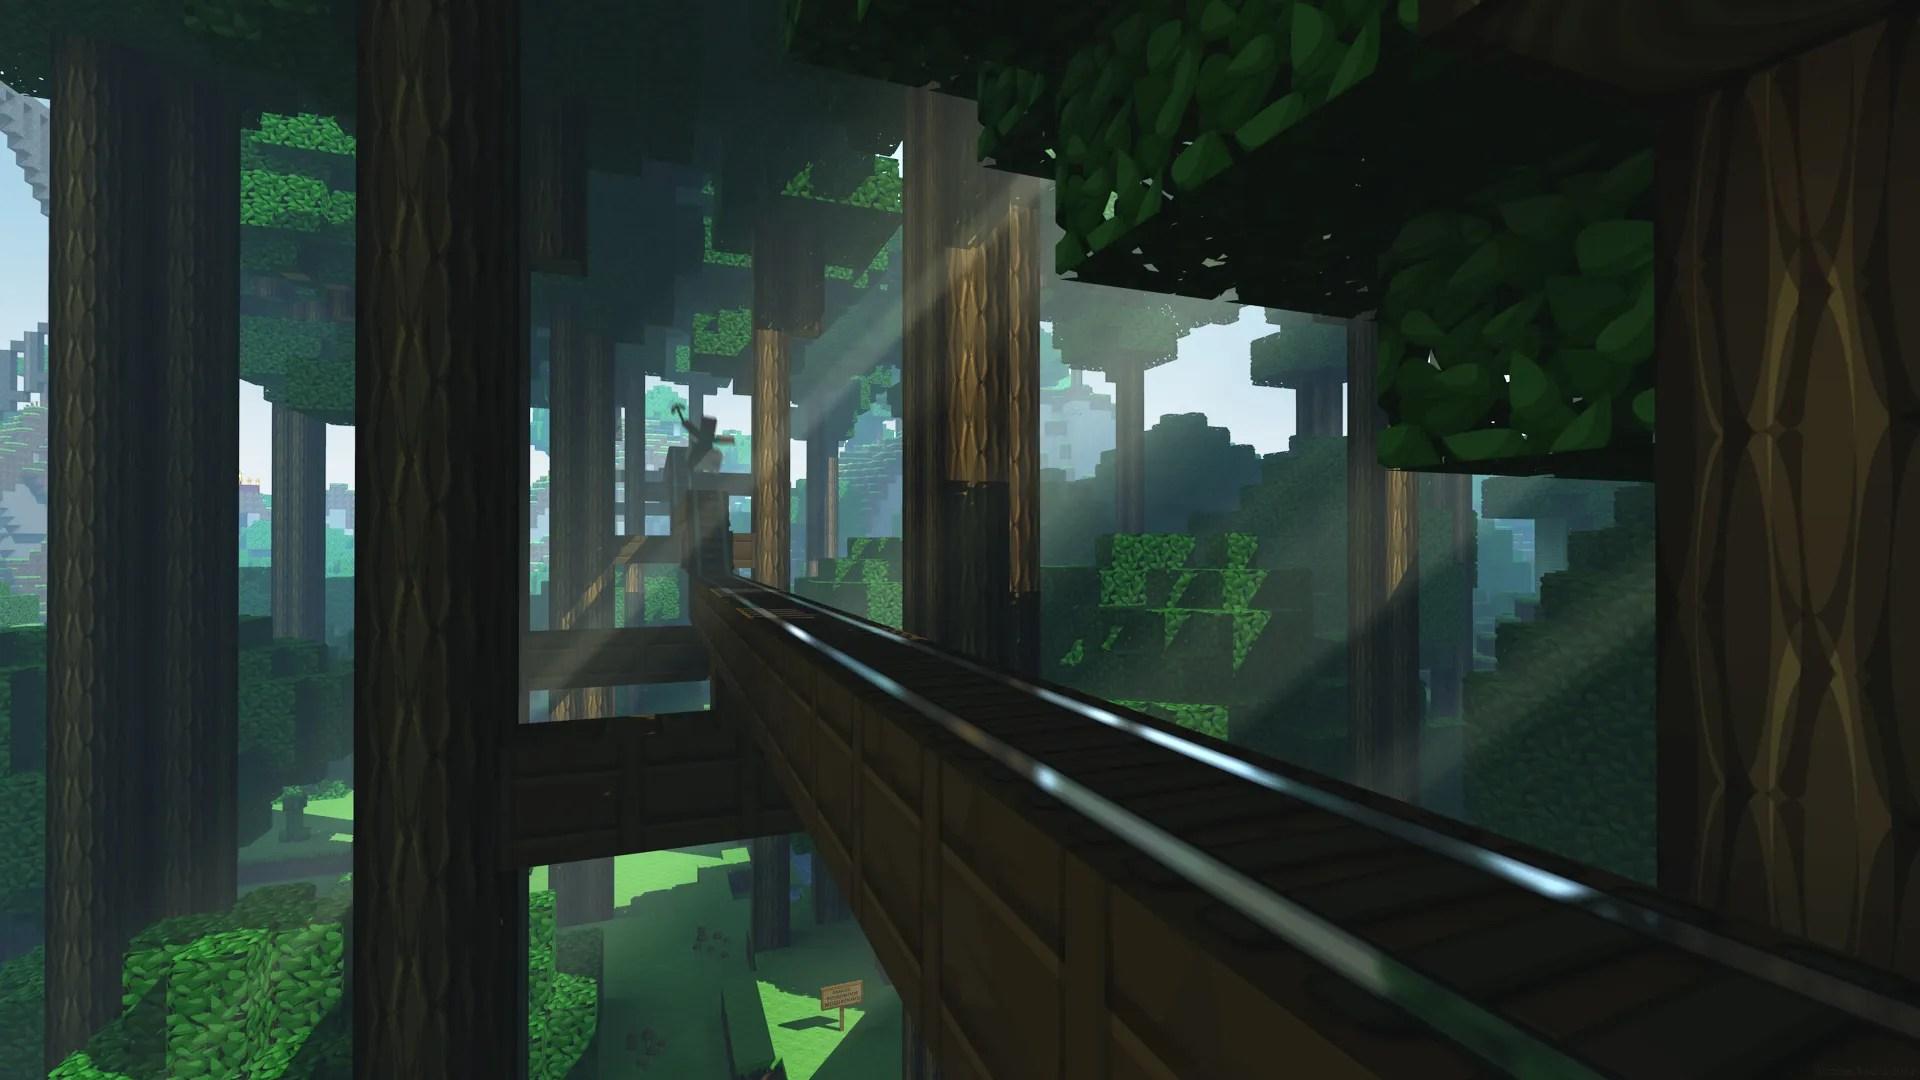 Top 10 Minecraft Wallpapers 4/10